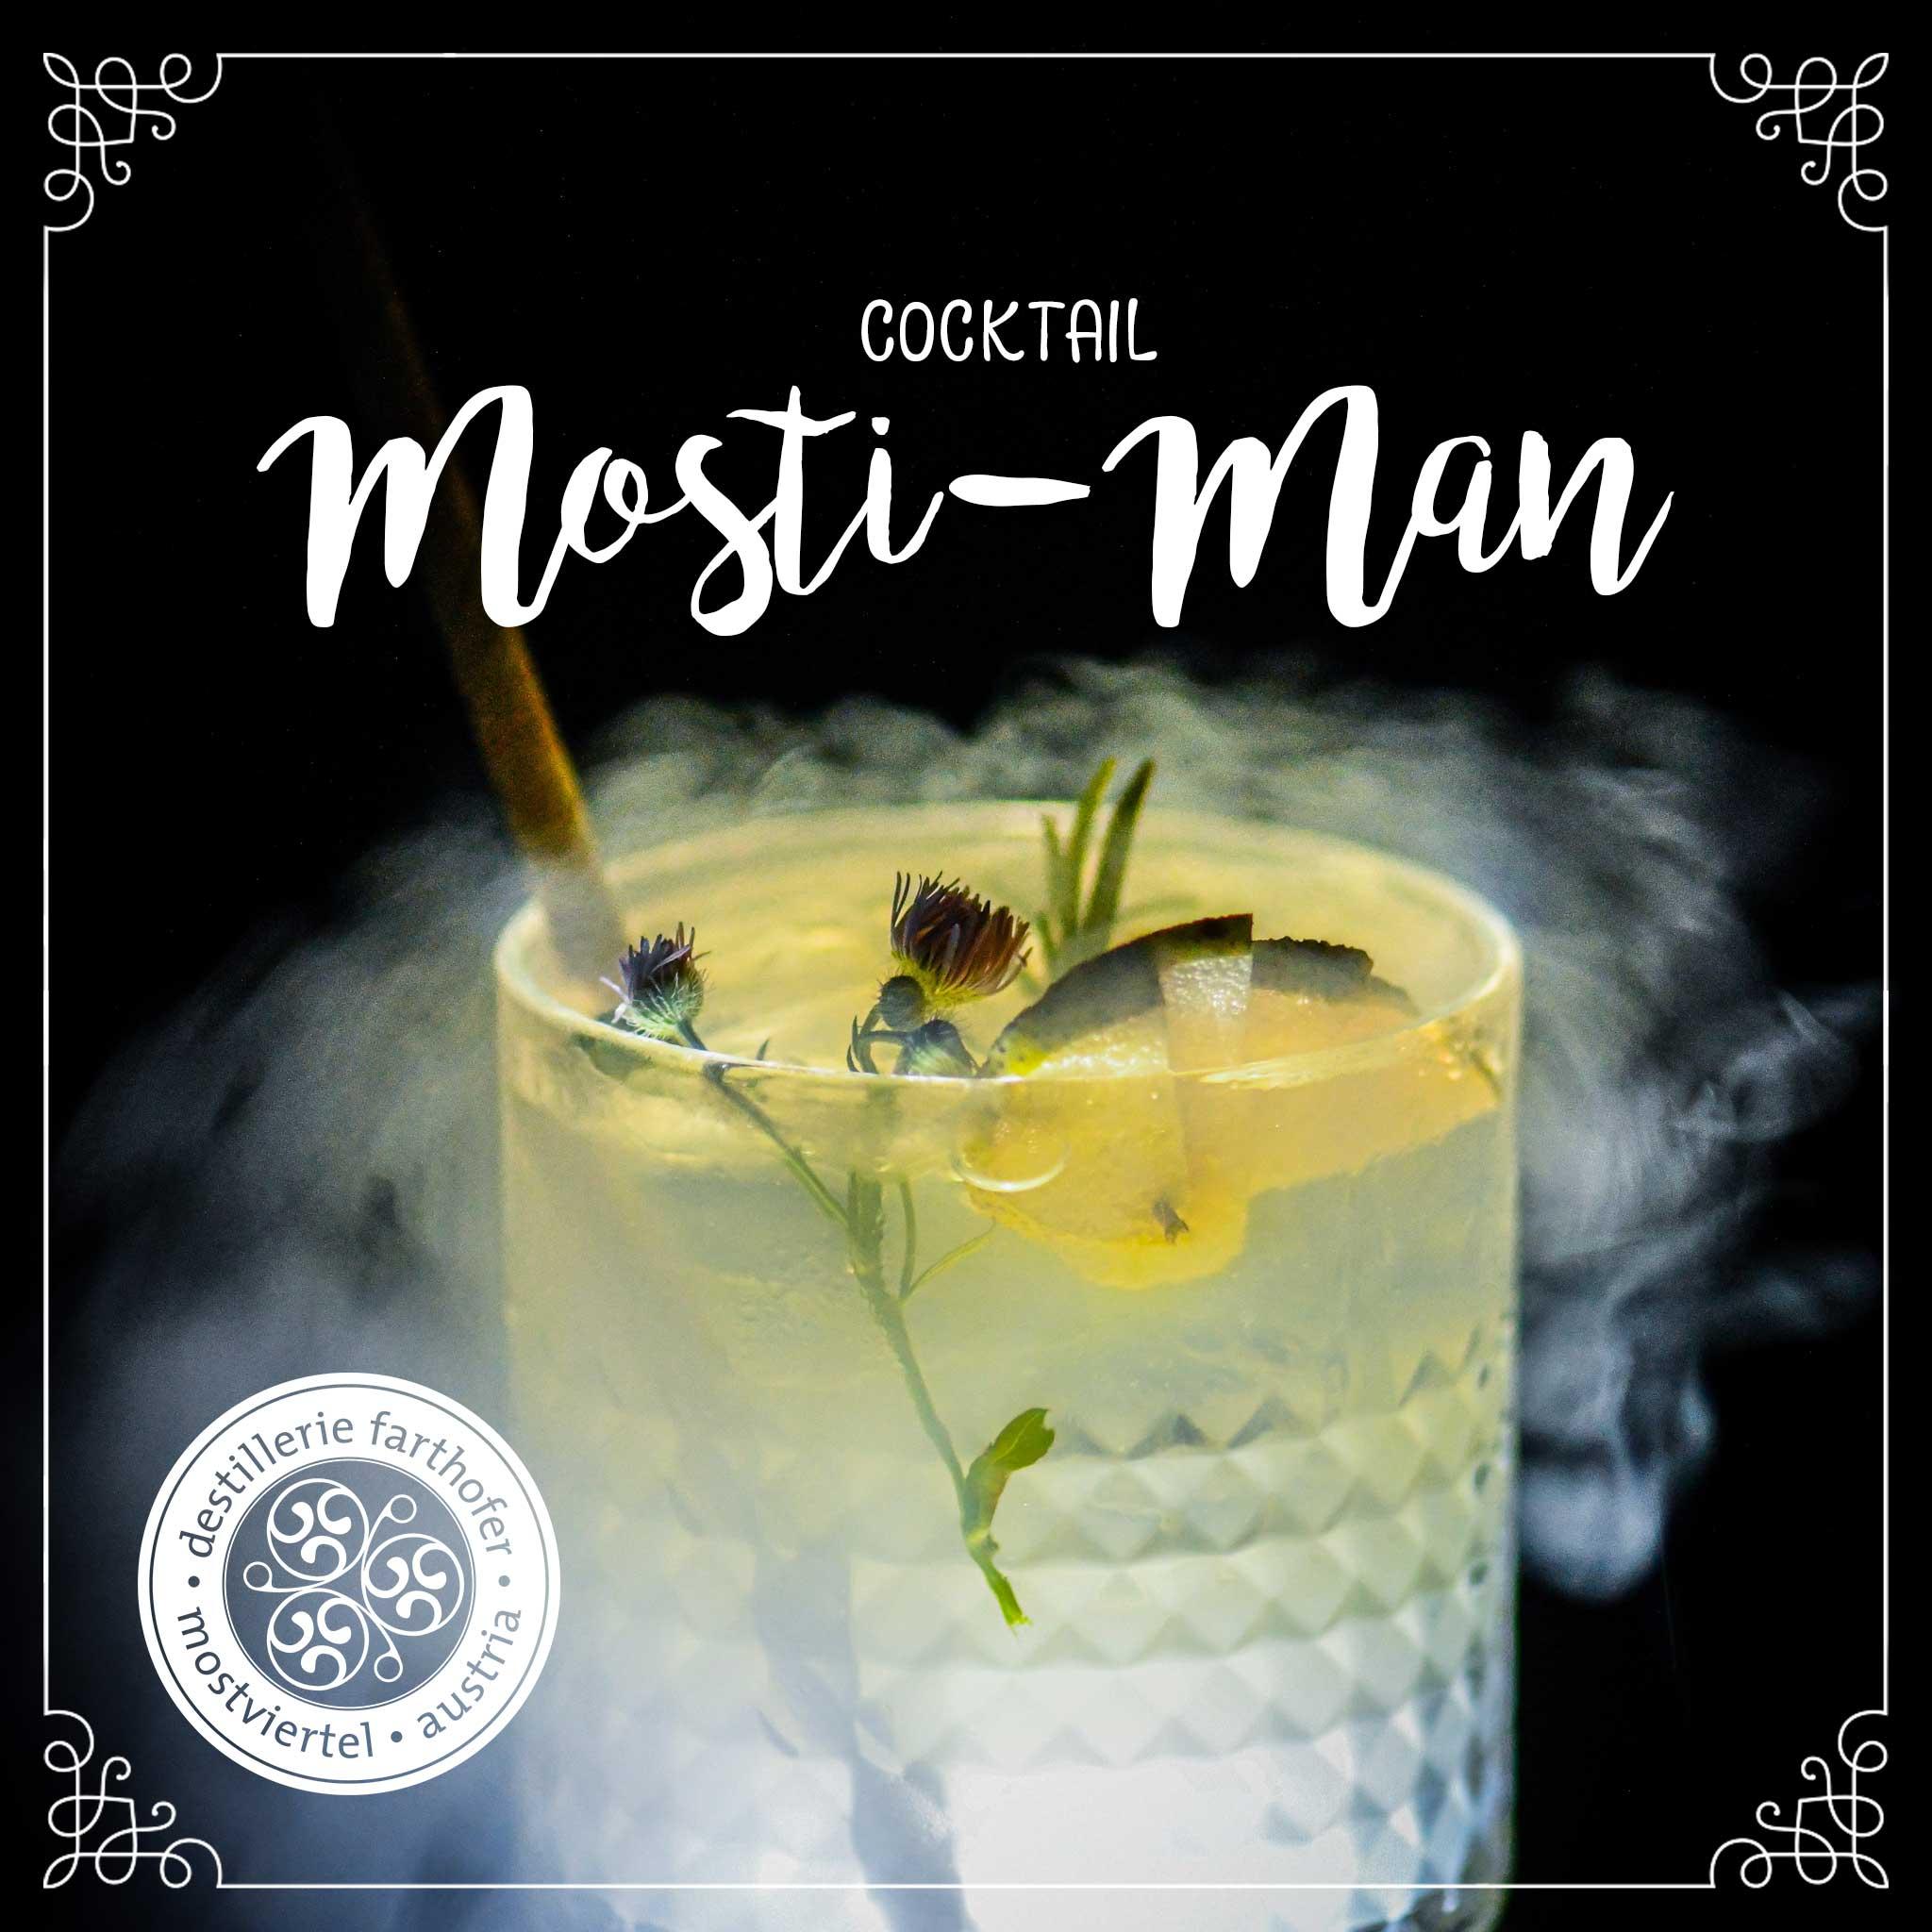 Cocktail Mosti-Man - Destillerie Farthofer